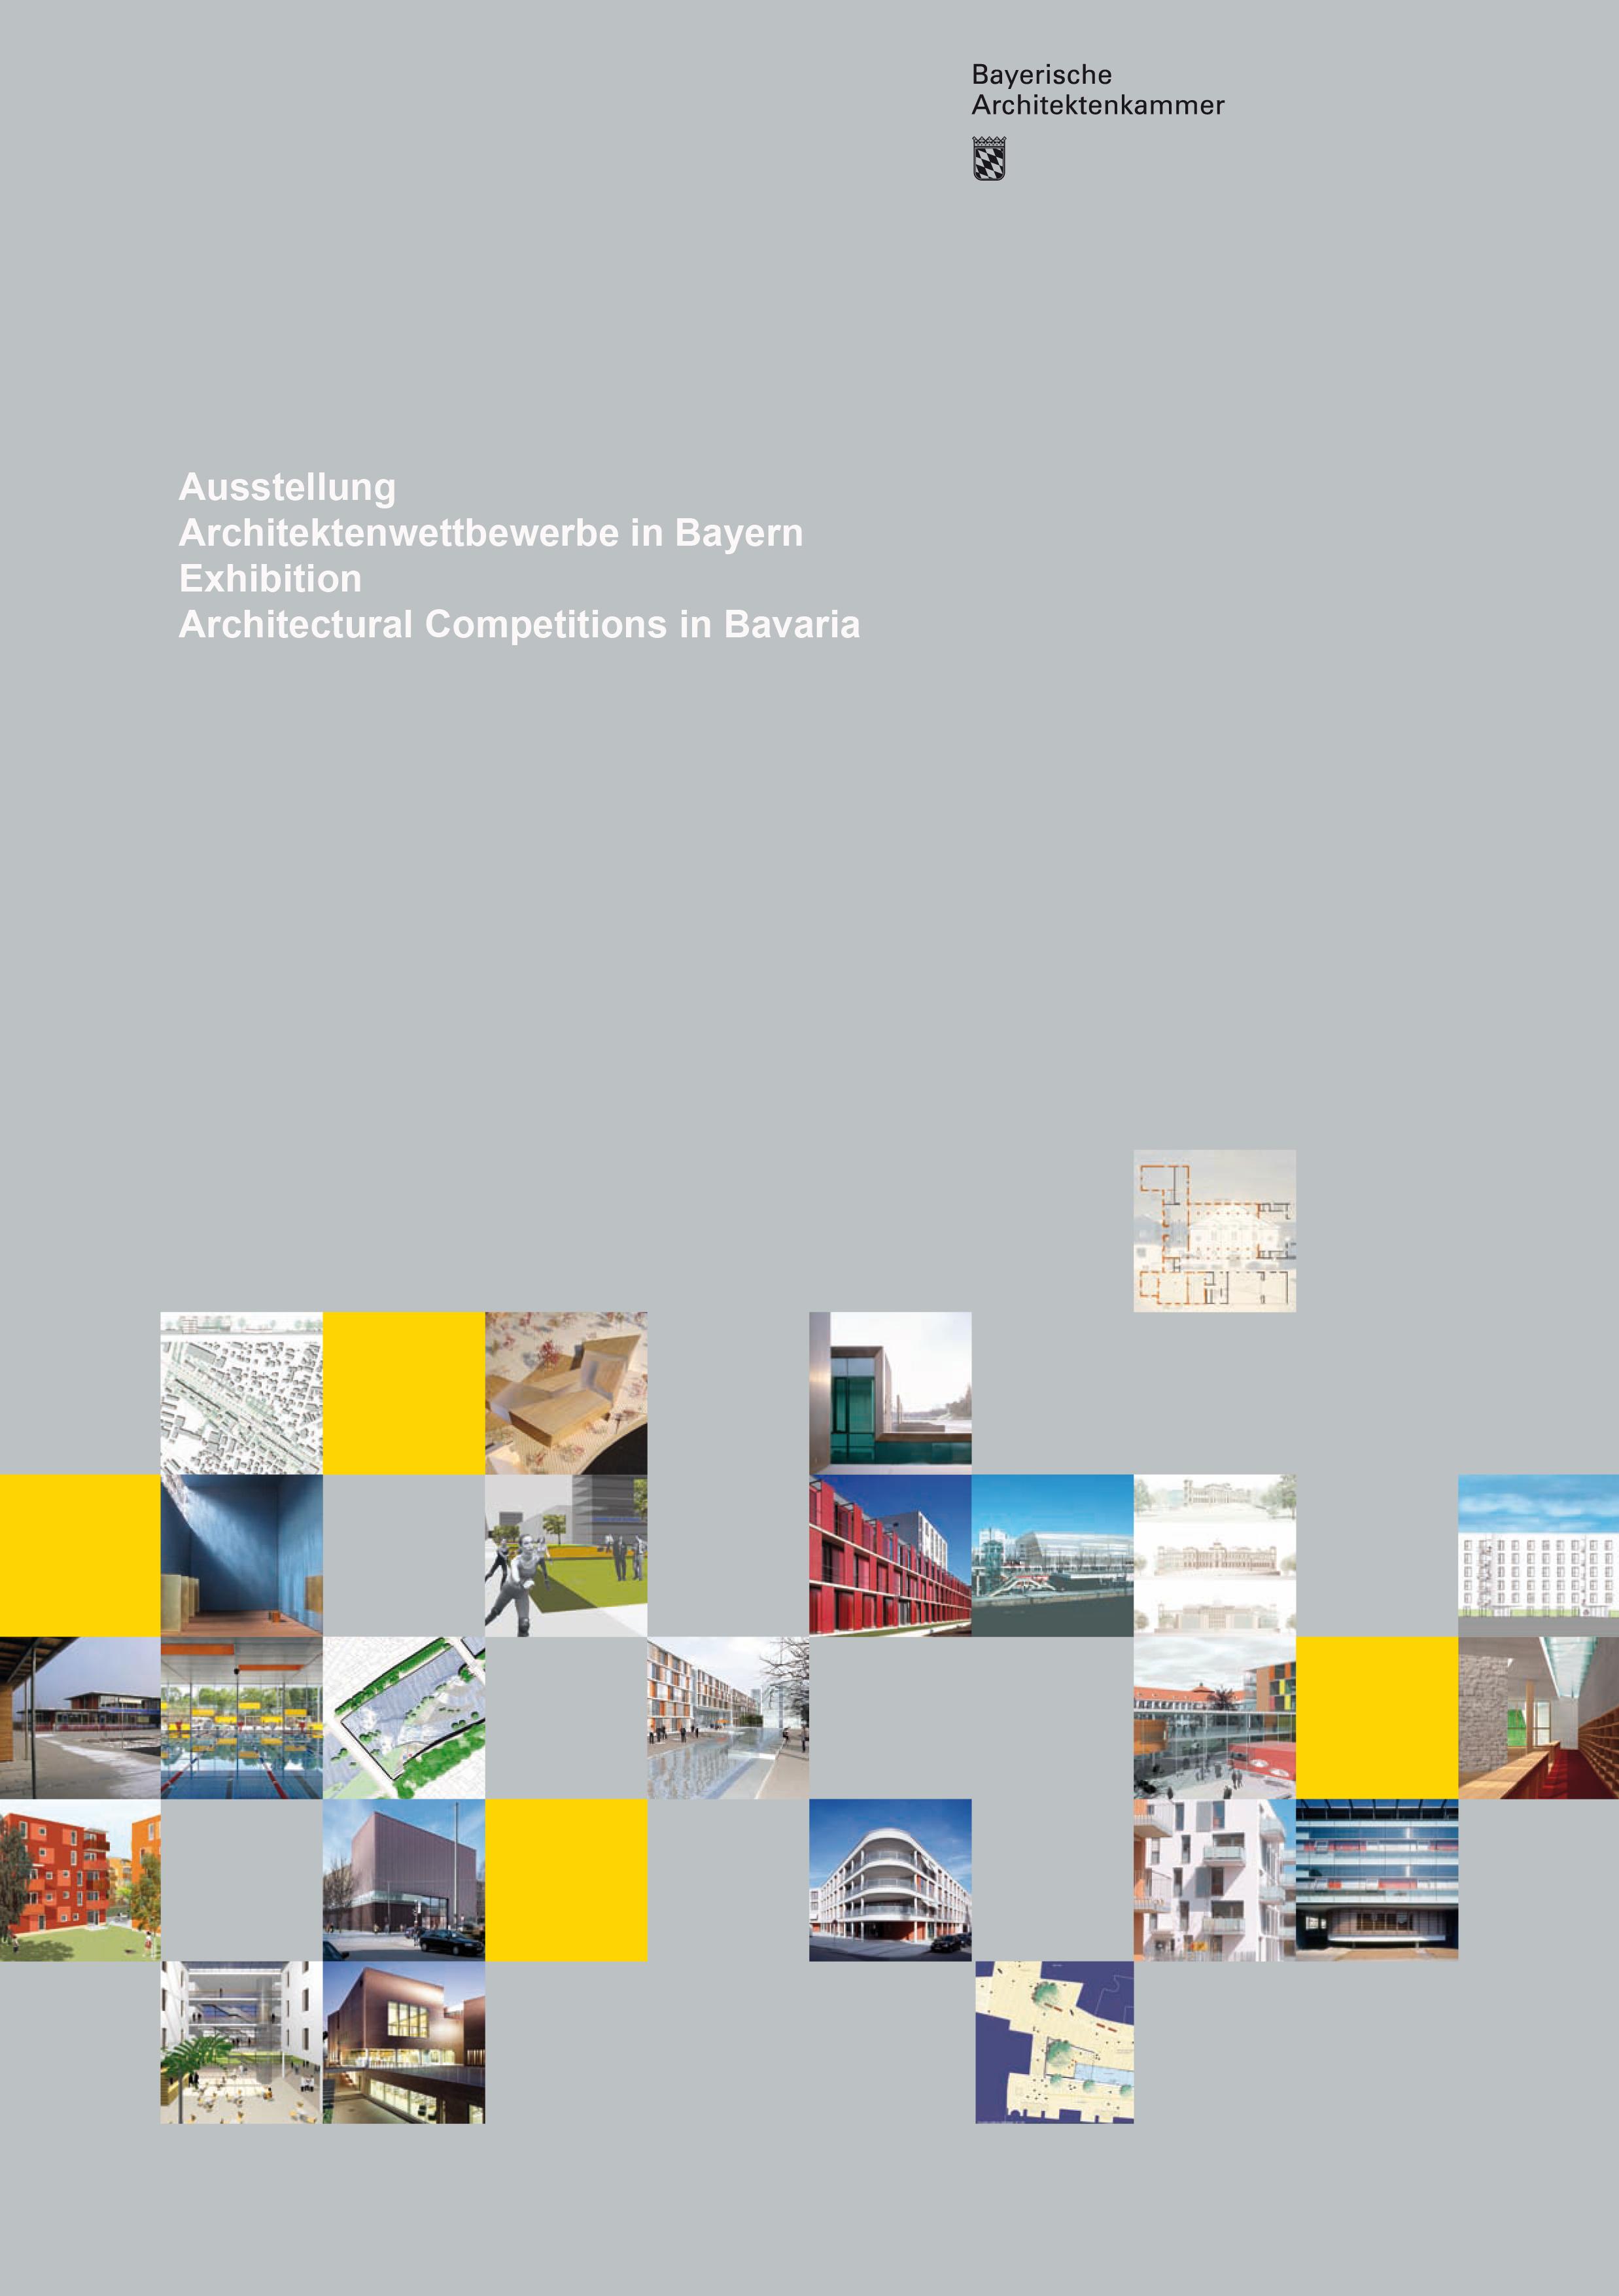 Publikationen Bayerische Architektenkammer